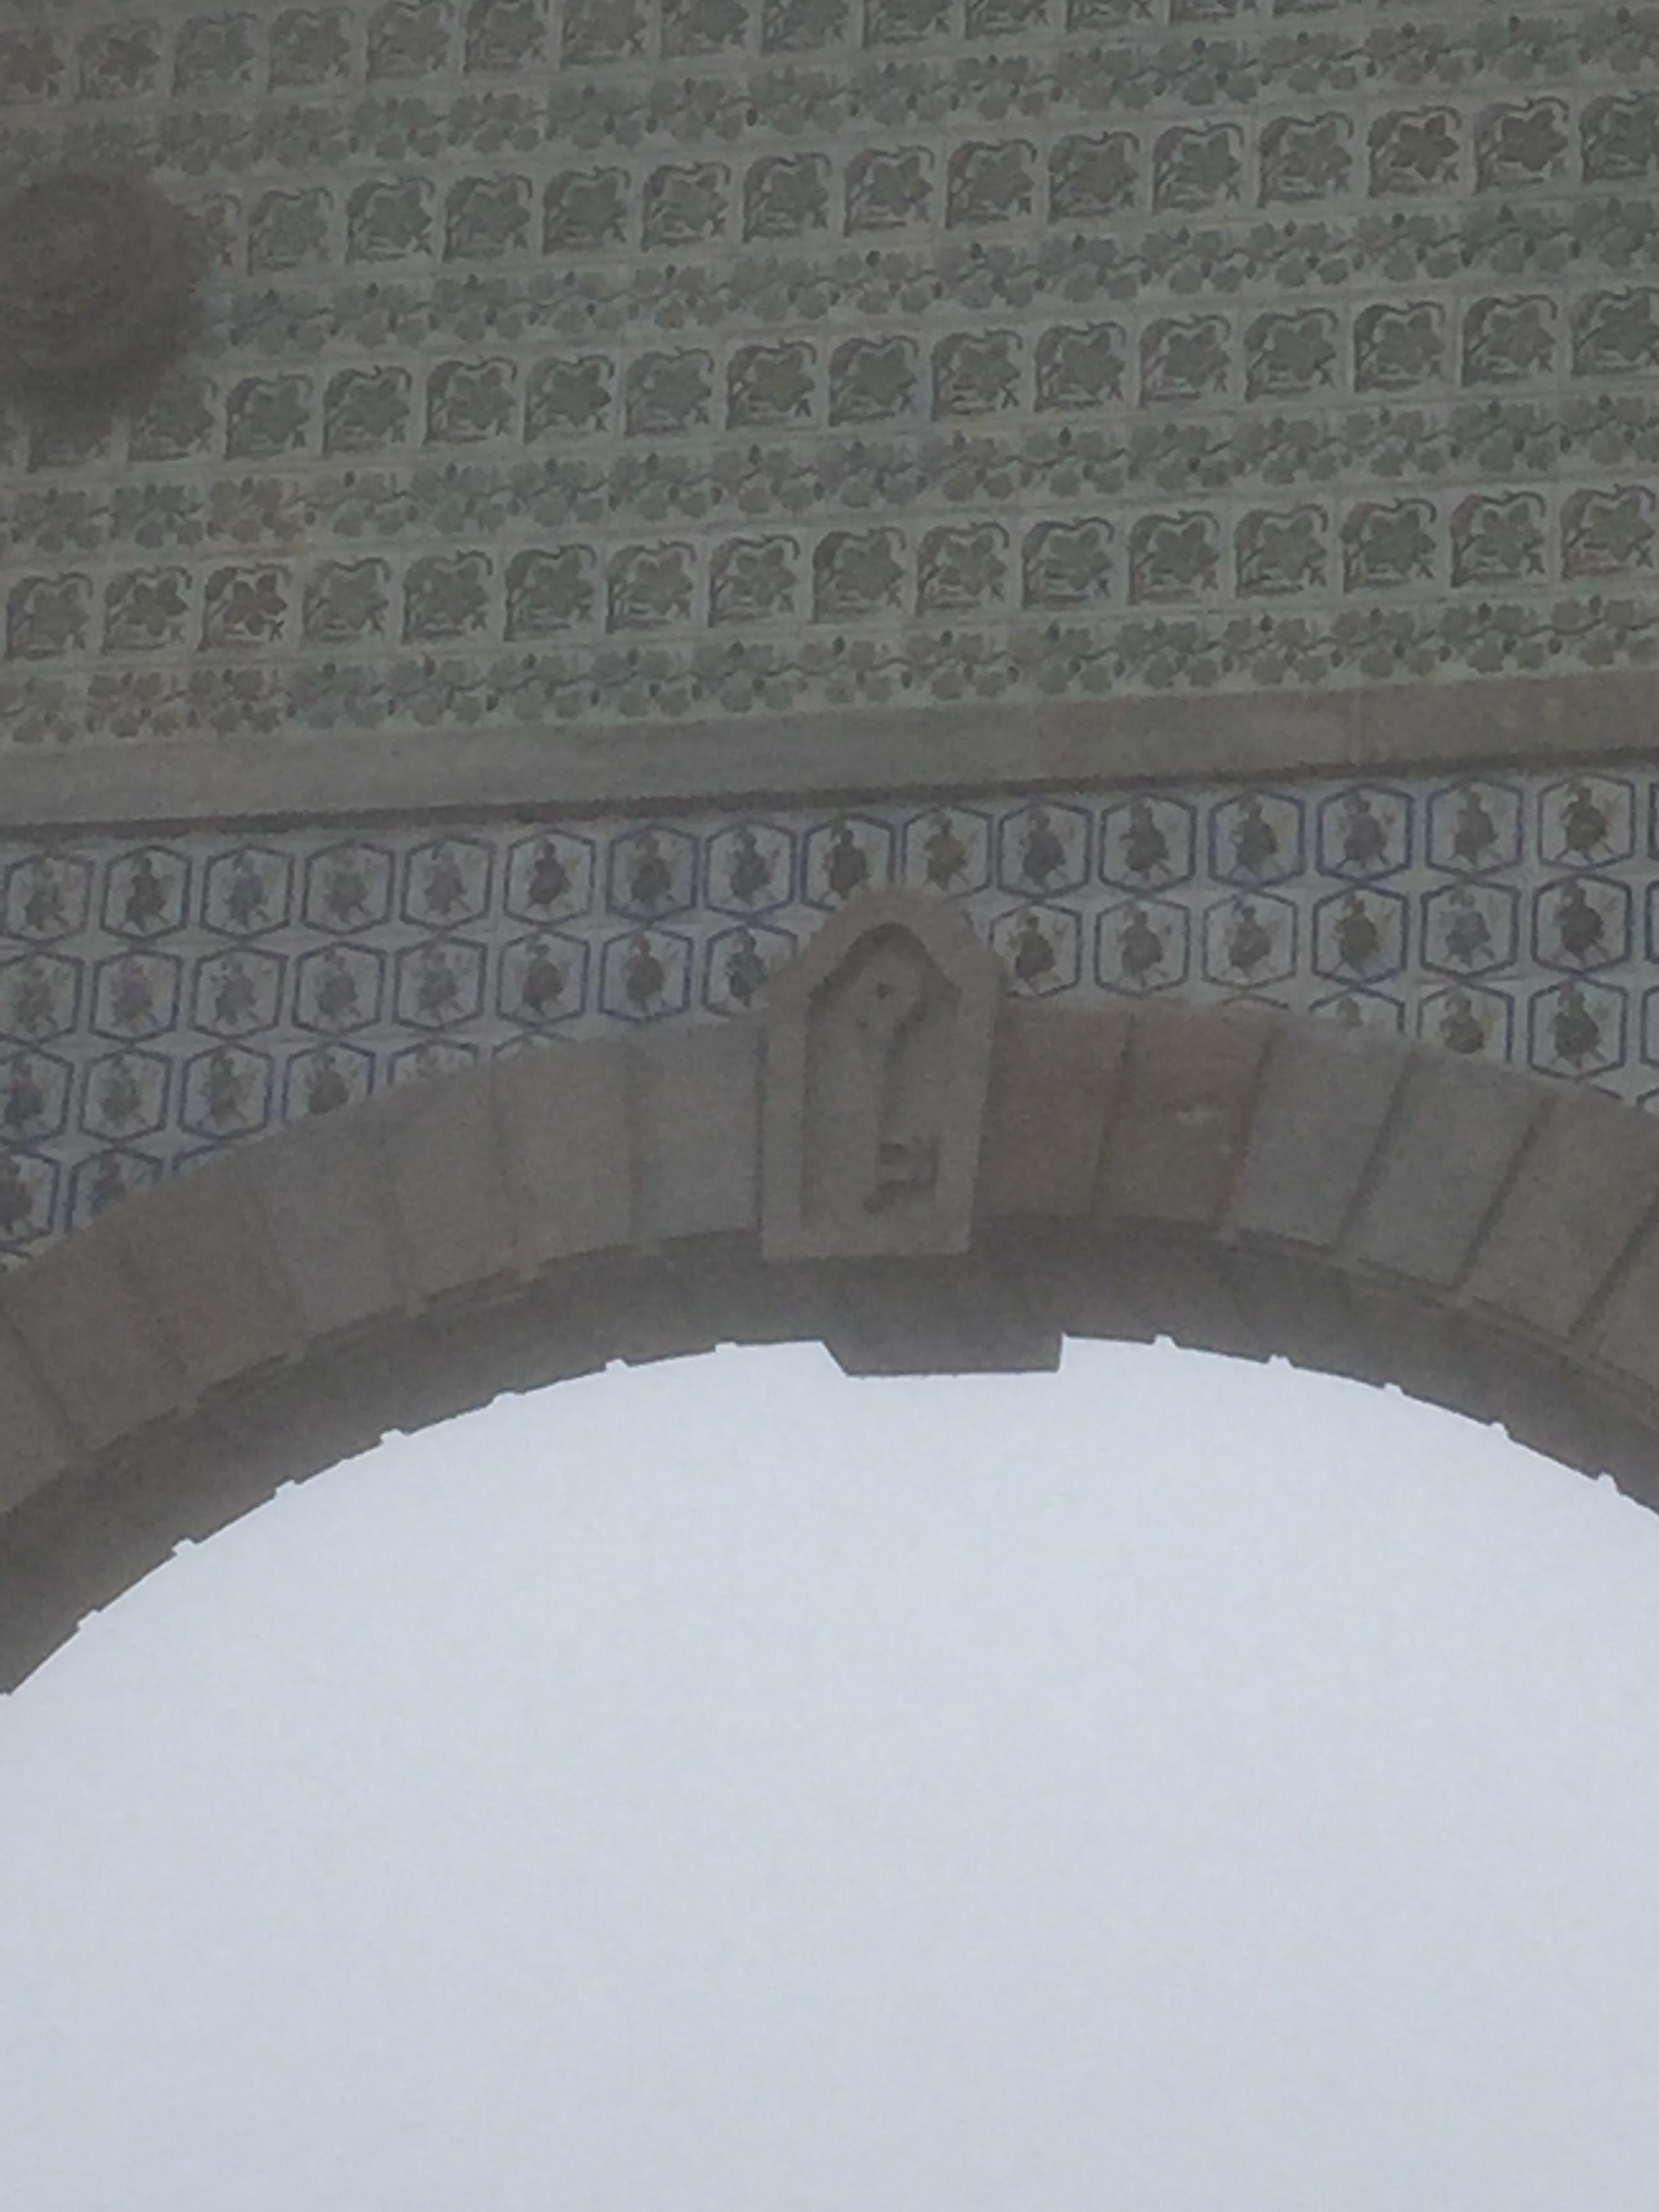 A escultura no pórtico da entrada no Palácio nos lembra que,para alcançar o outro lado,é preciso encontrar a chave.